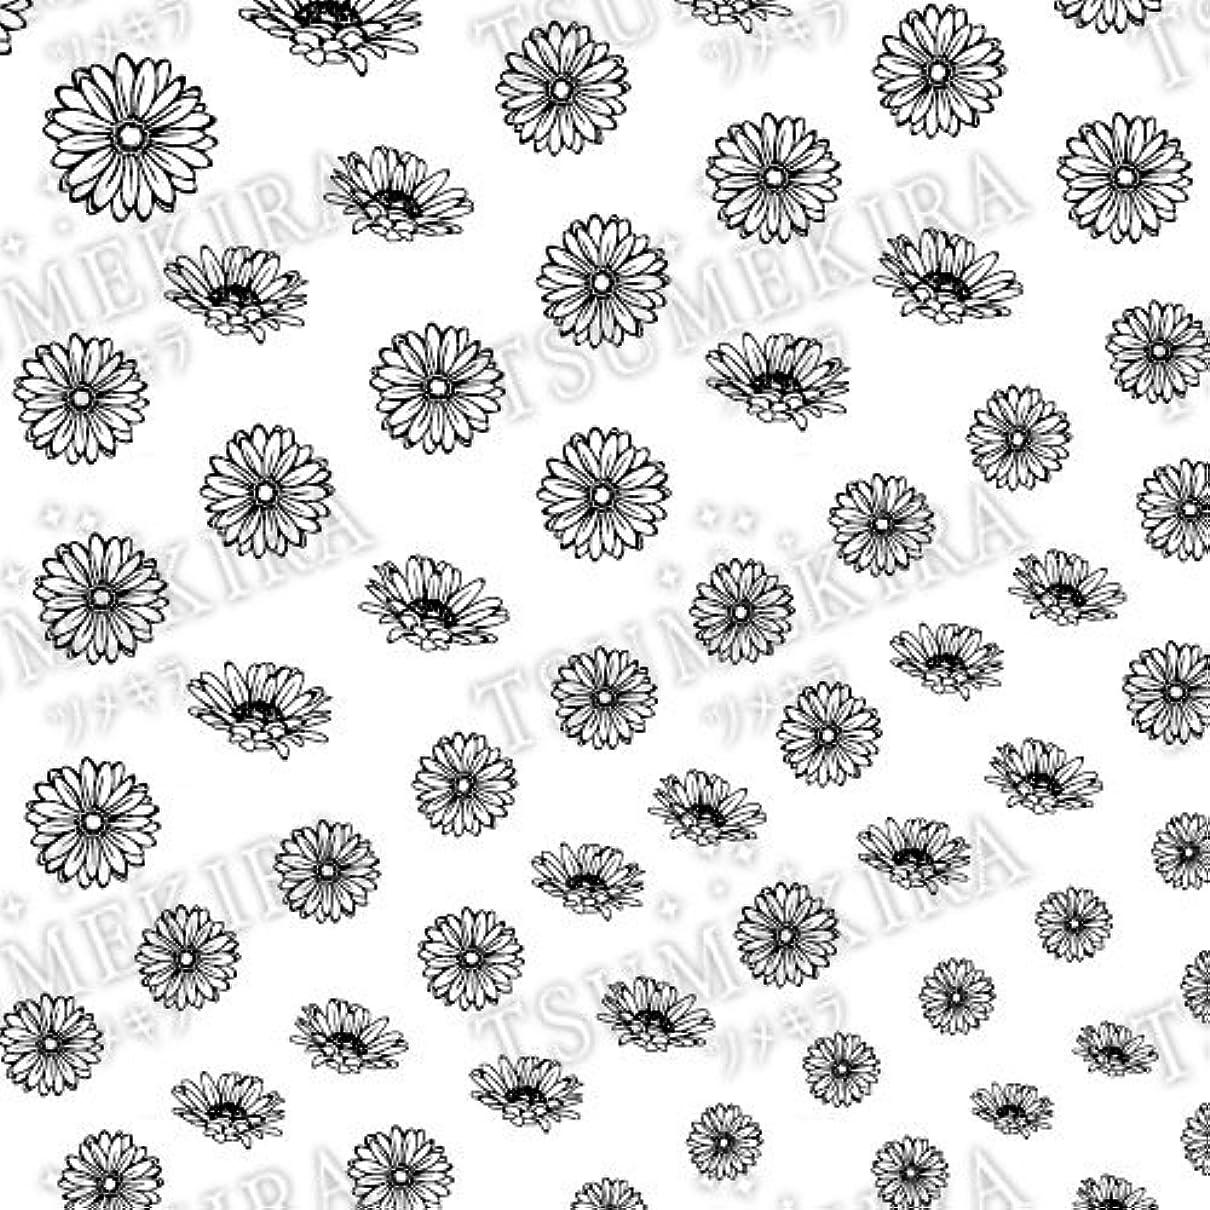 感染する愛撫同等のツメキラ ネイル用シール フラワースタイル ガーベラ ブラック